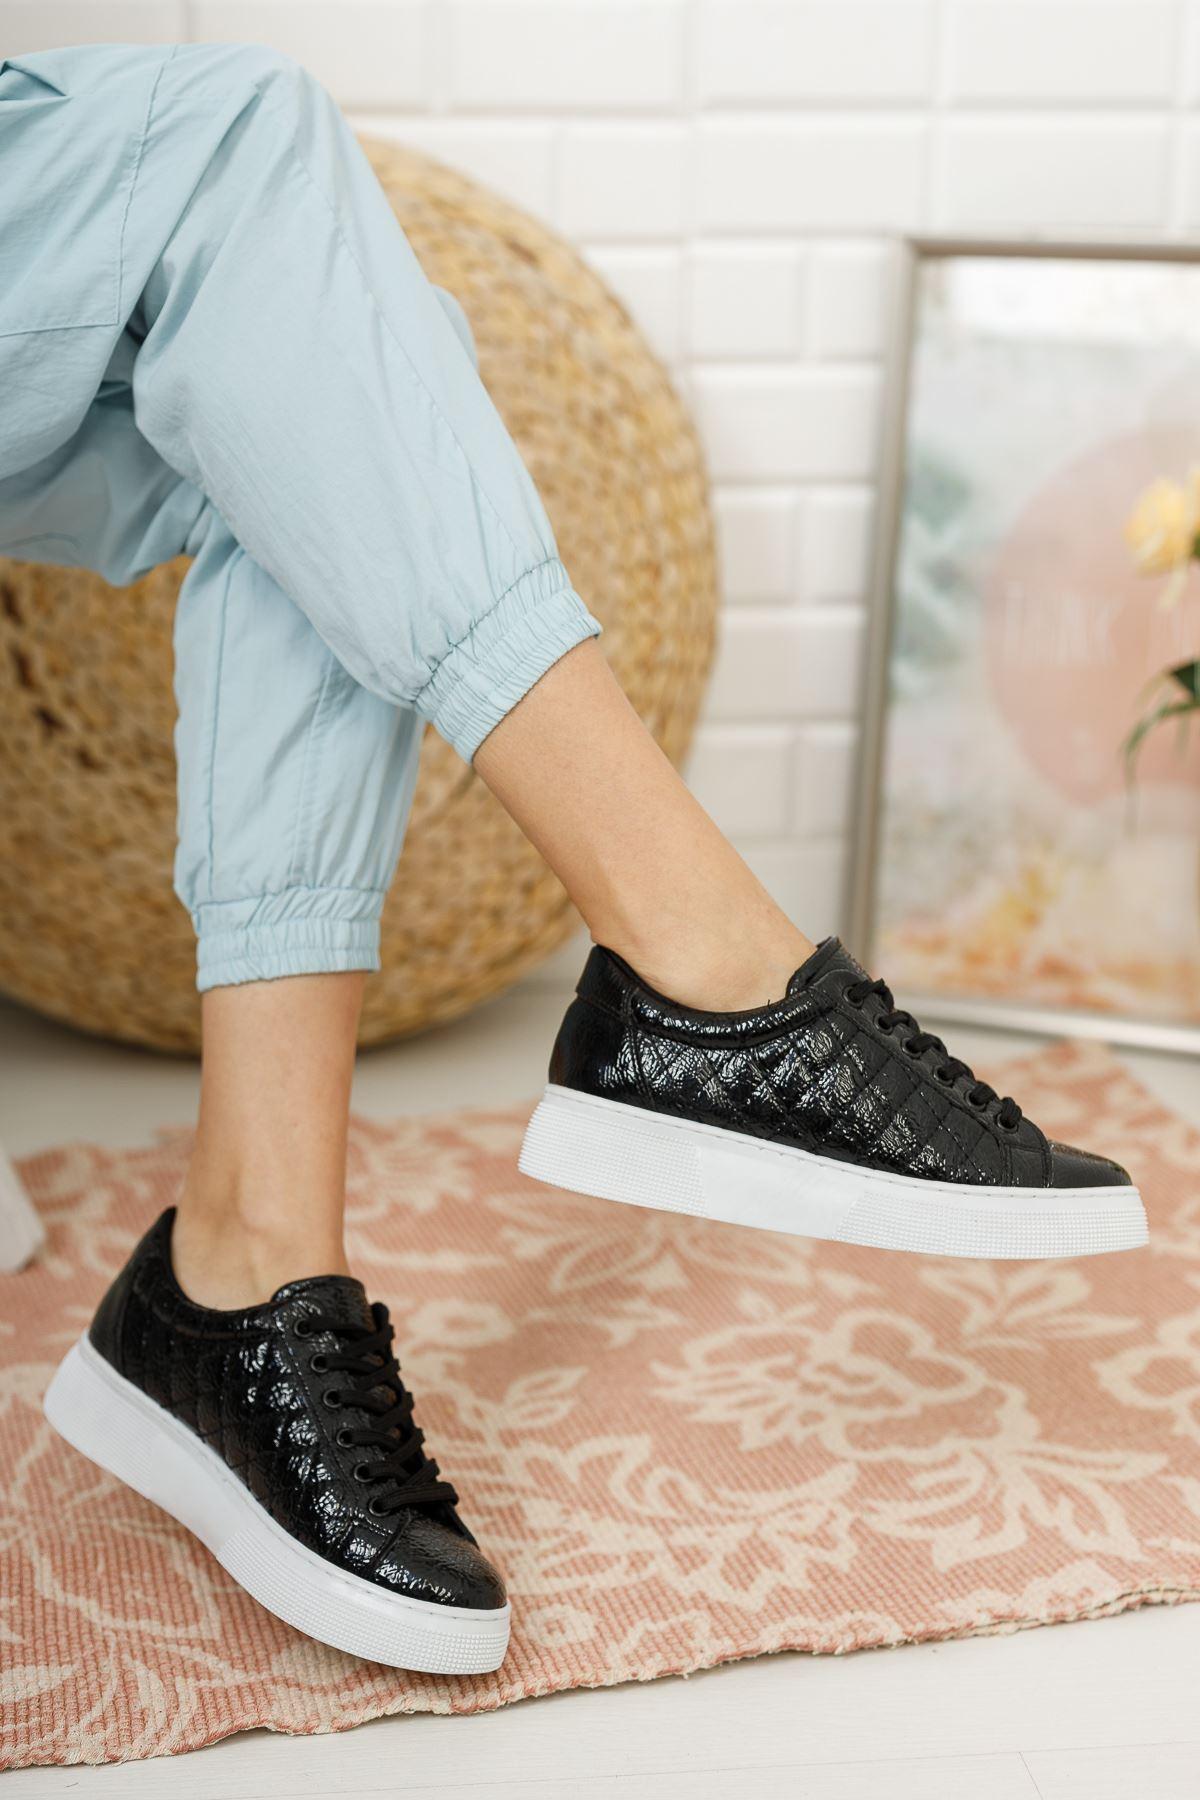 Kadın Polin Kalın Taban Bağcıklı Kapitone Siyah Rugan Spor Ayakkabı